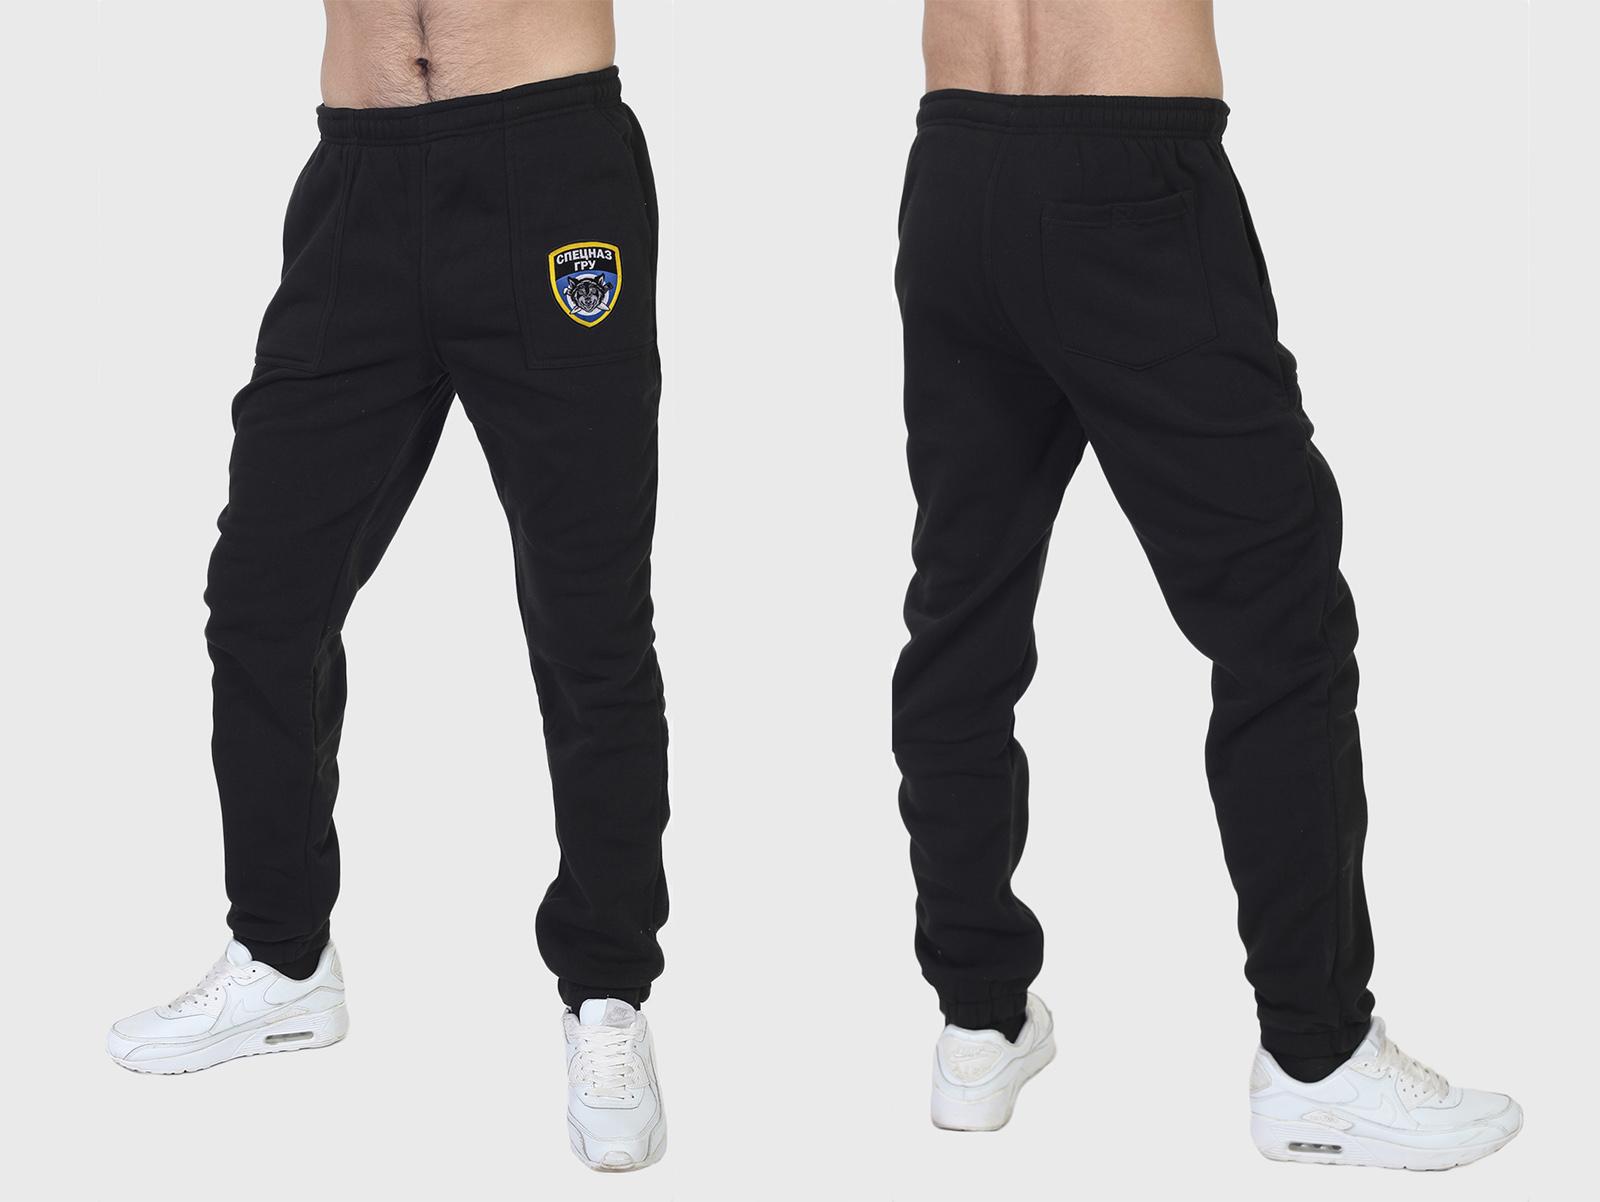 Спортивные штаны с нашивками по выгодной цене!